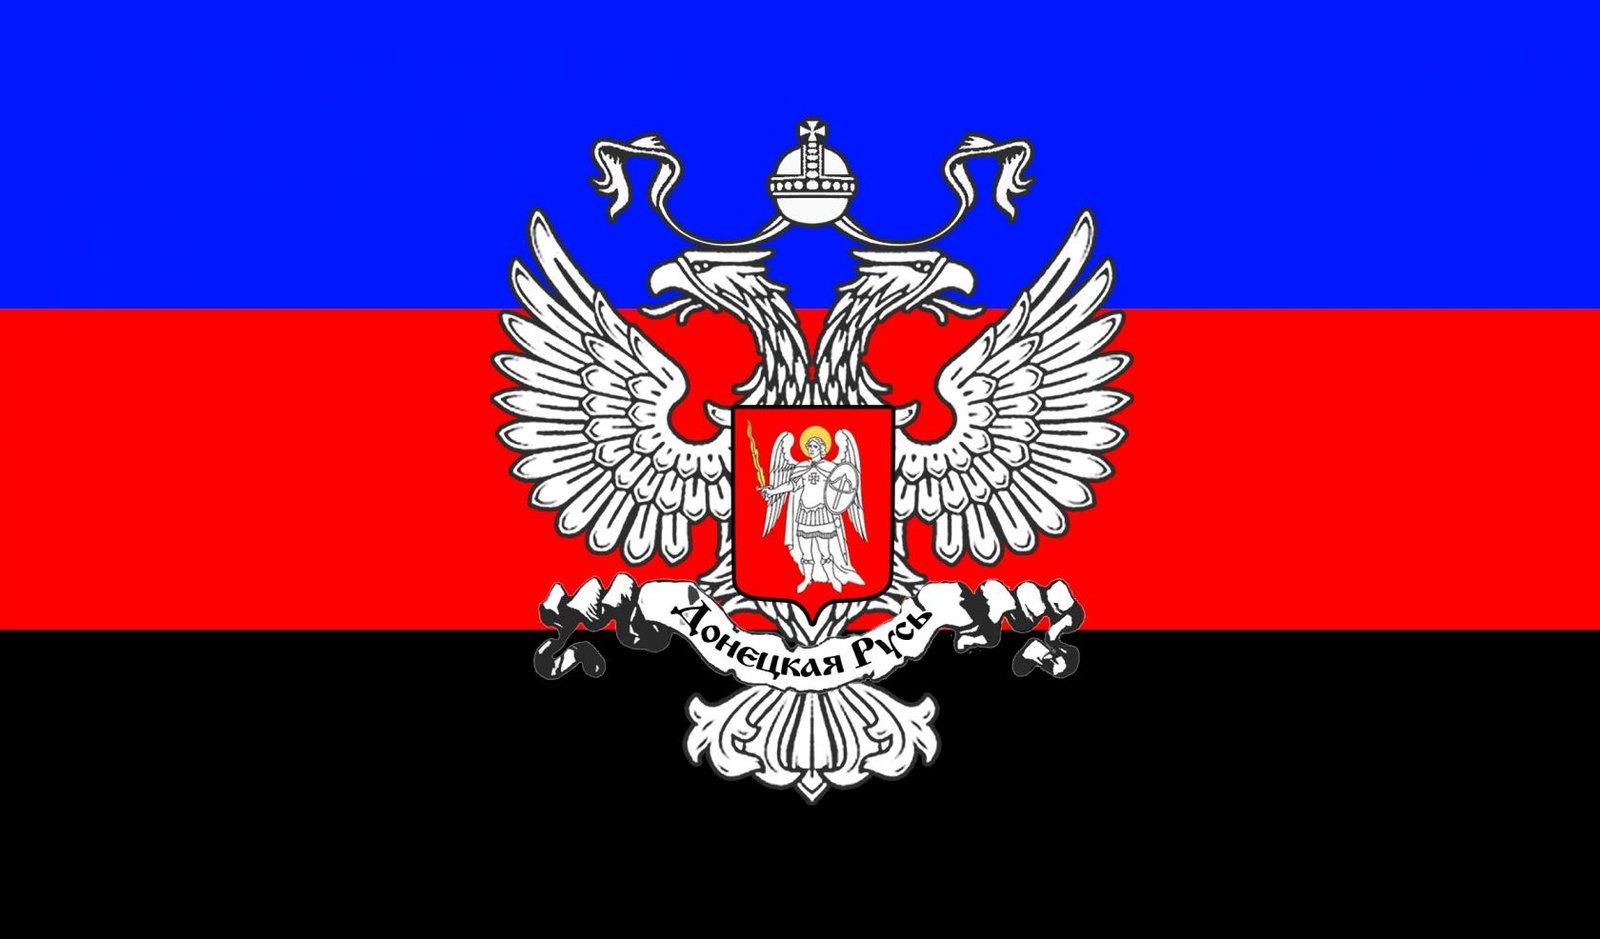 флаг днр картинки